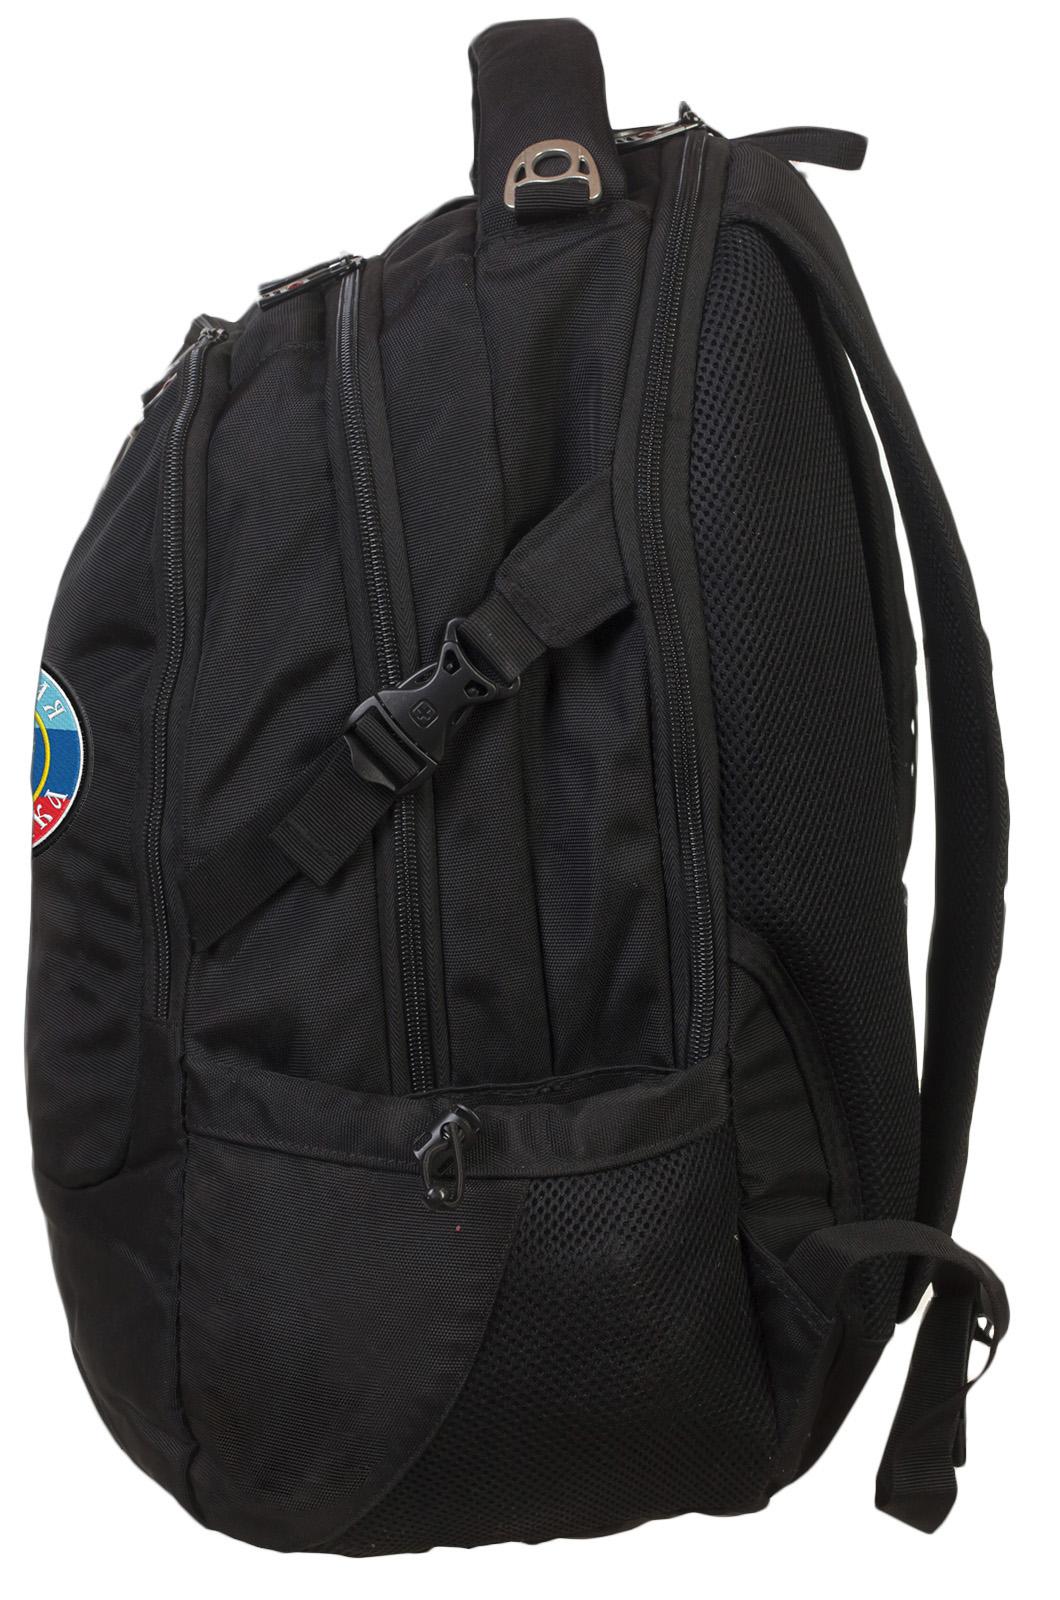 Многоцелевой стильный рюкзак с флагом ЛНР - купить оптом